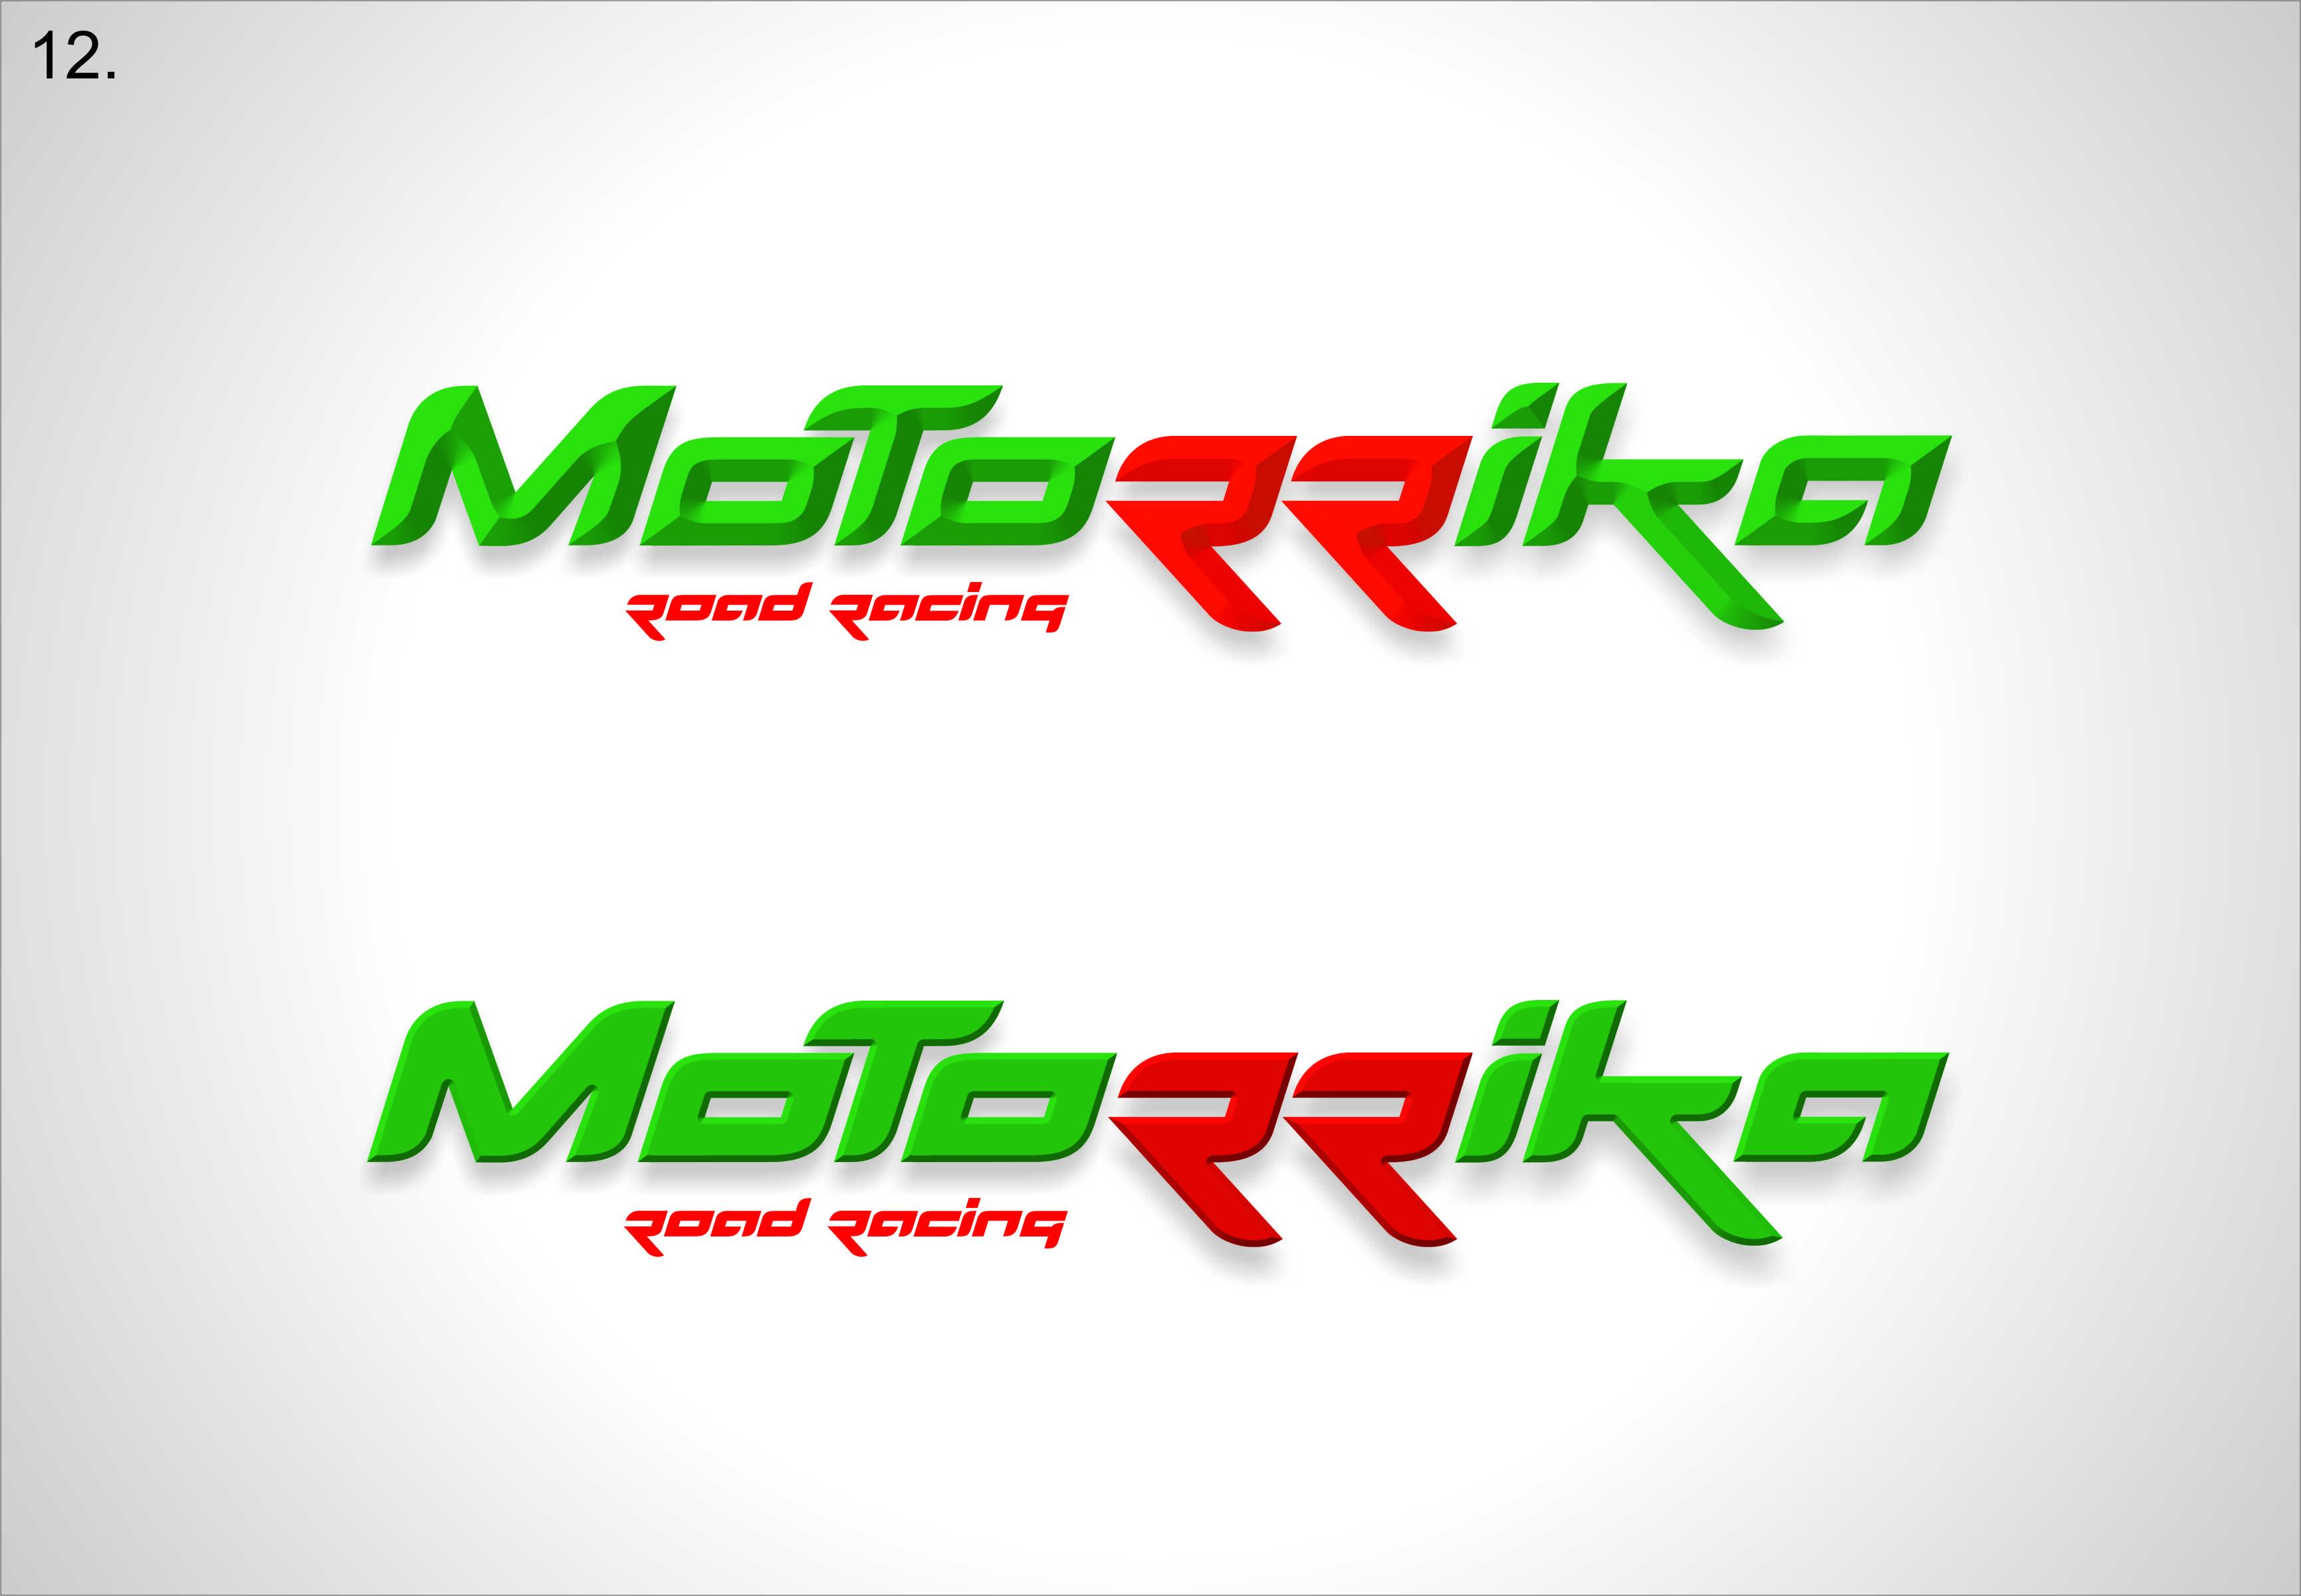 Мотогонки. Логотип, фирменный стиль. фото f_4dc1826db67c4.jpg